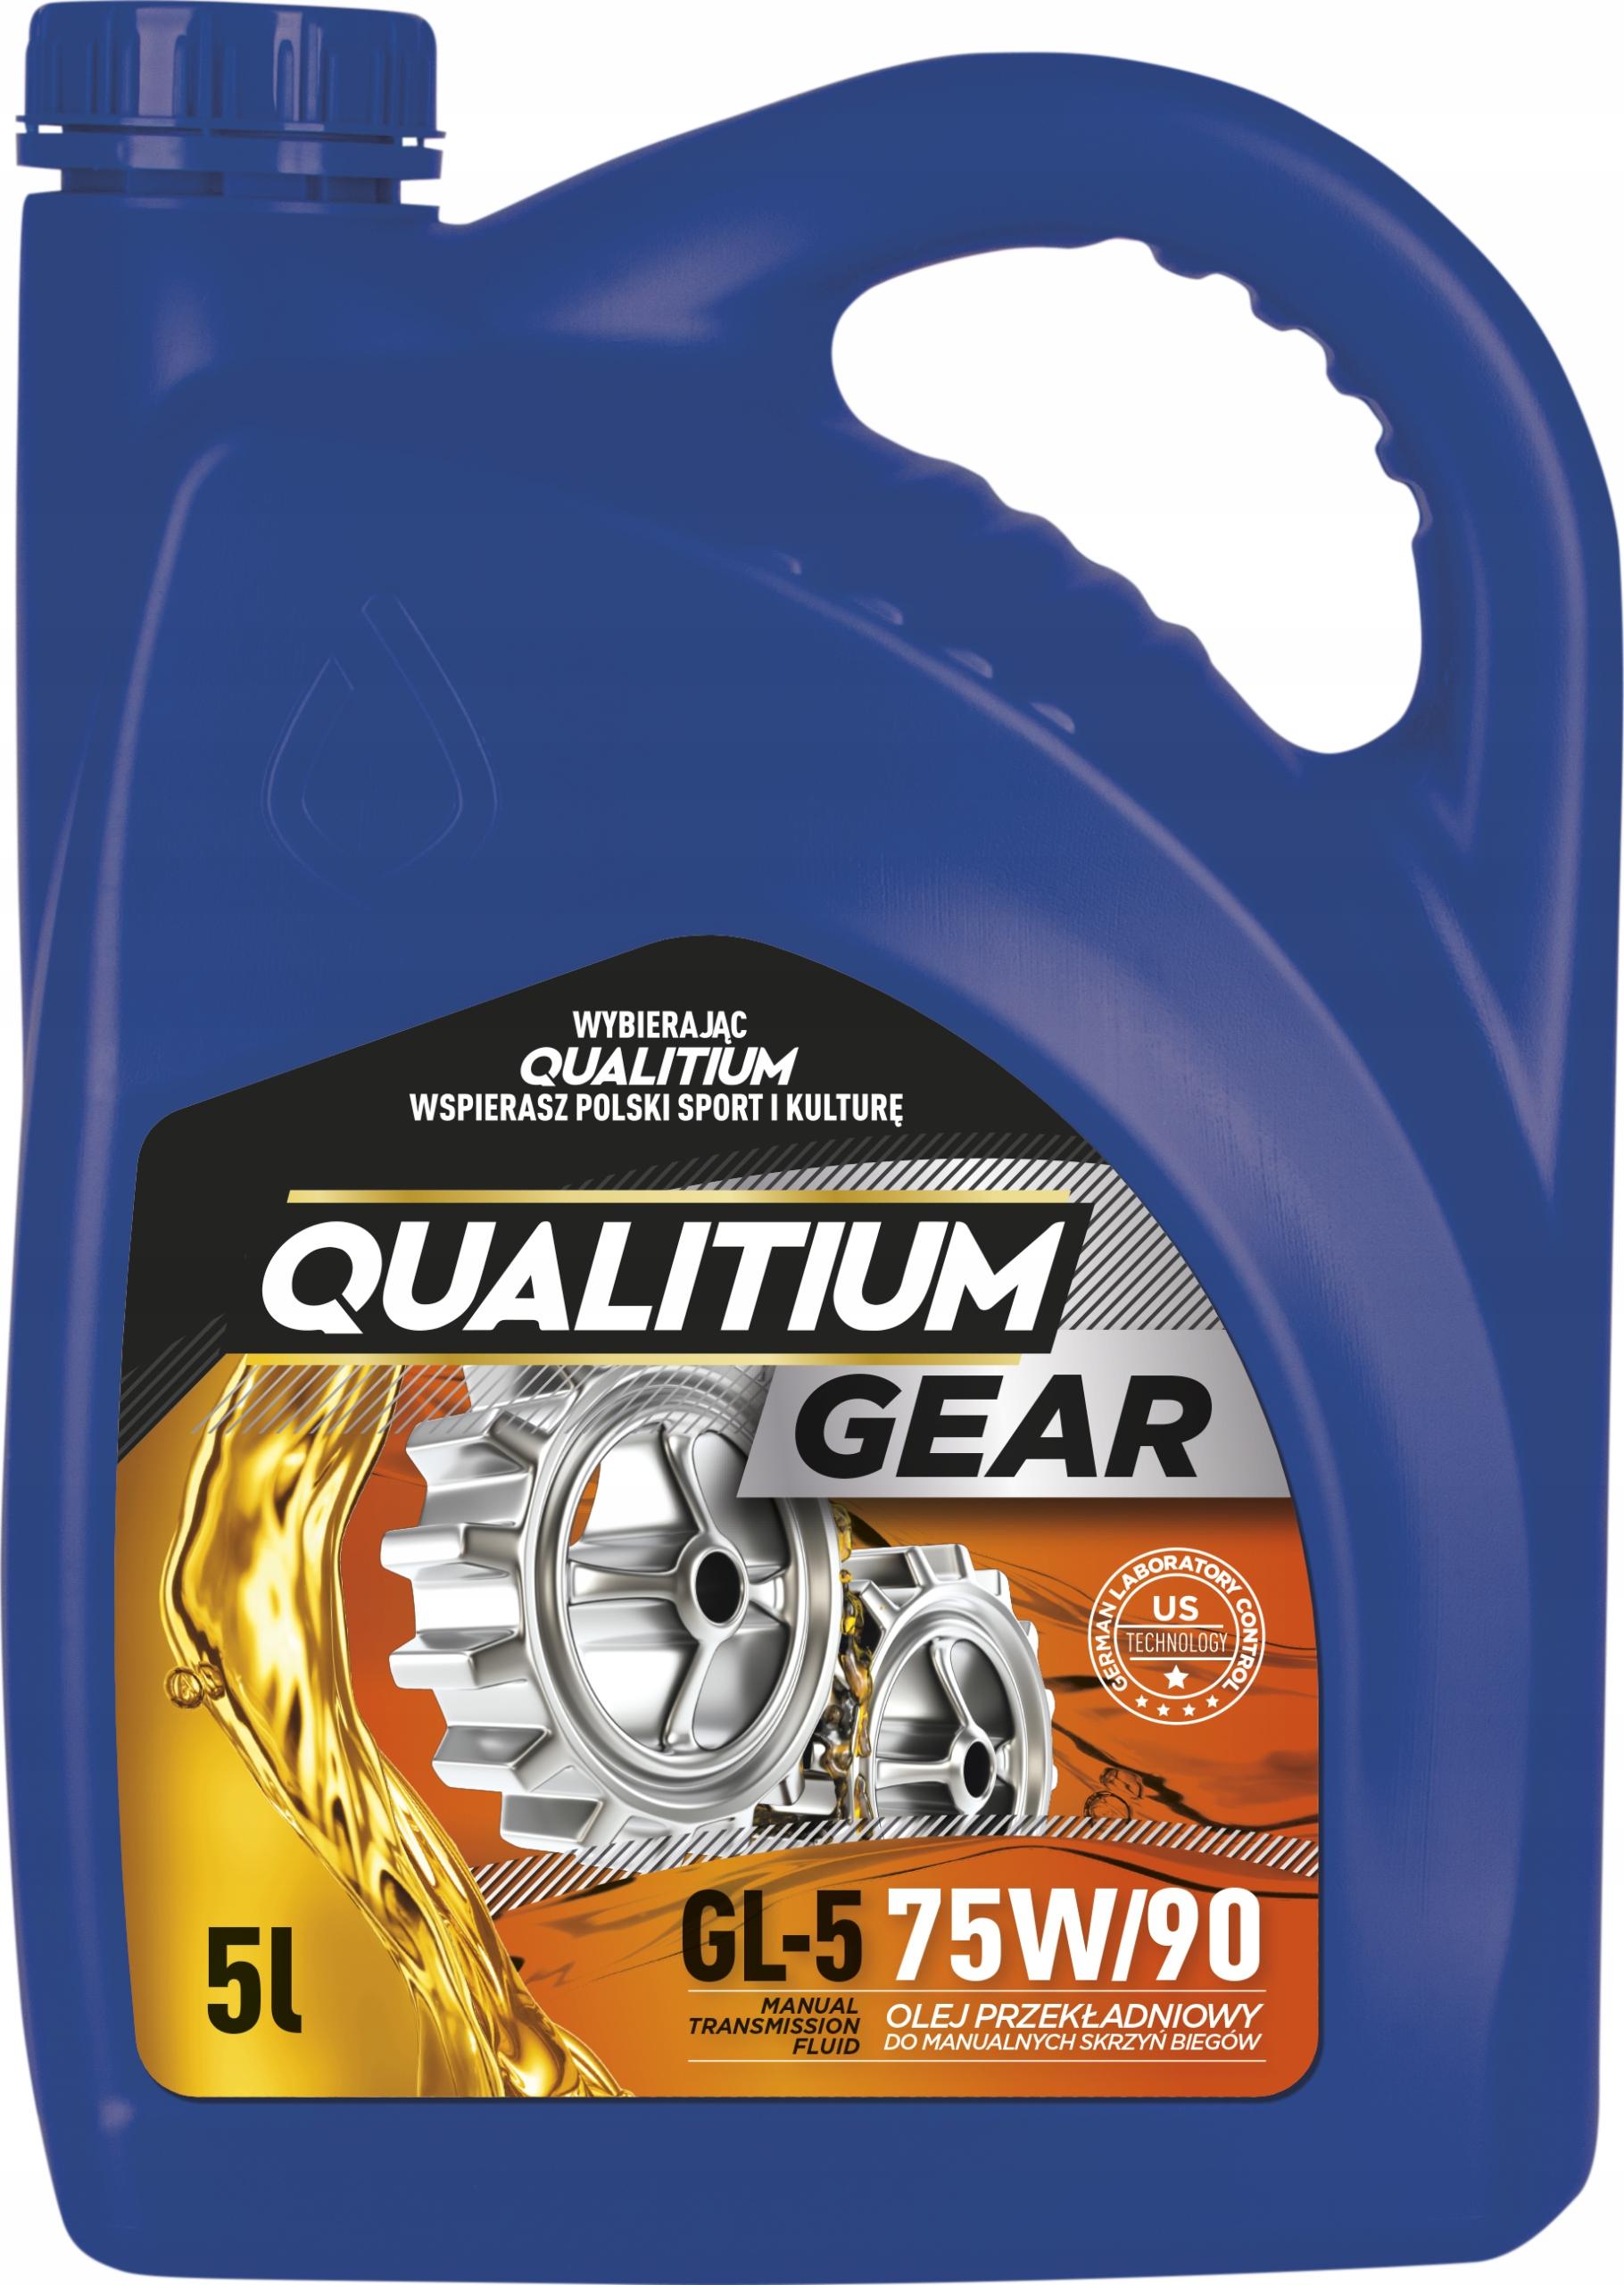 QUALITIUM Gear GL 5 75W 90 5L Трансмиссионное масло